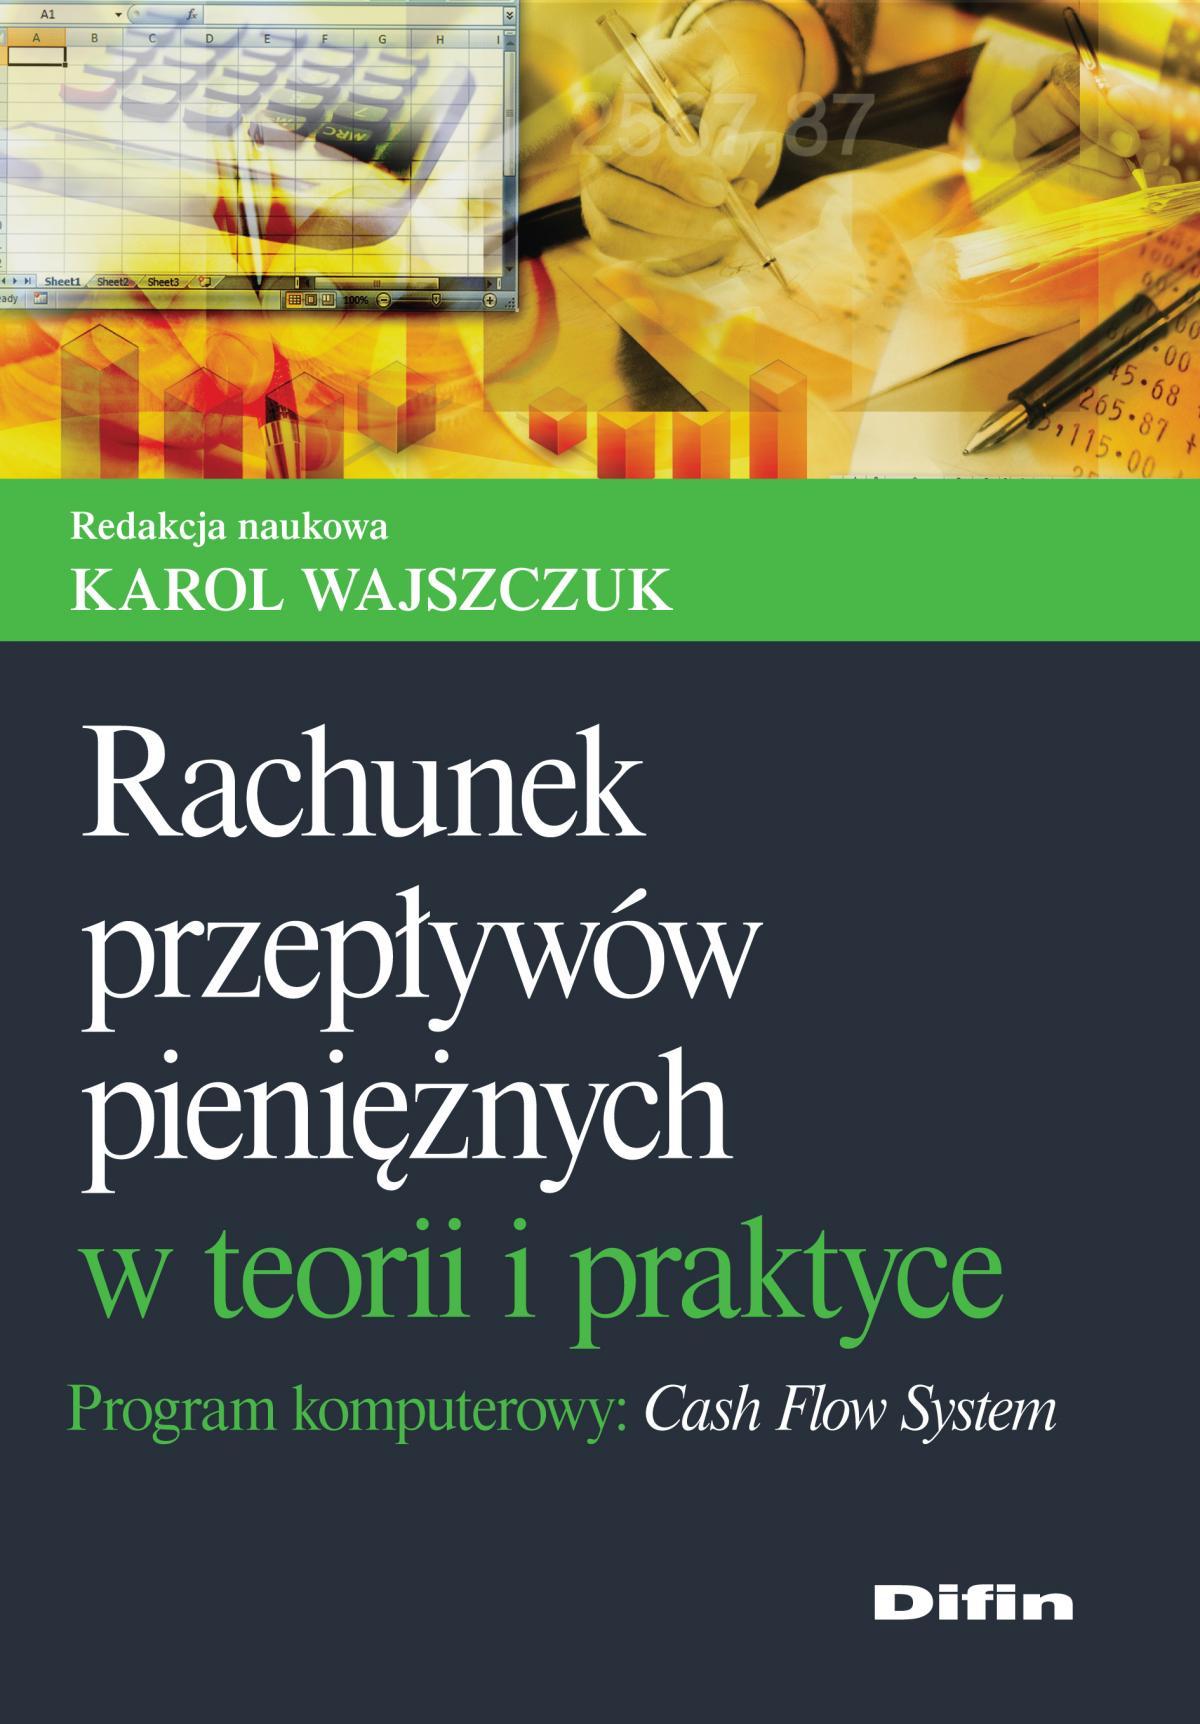 Rachunek przepływów pieniężnych w teorii i praktyce. Program komputerowy Cash Flow System - Ebook (Książka EPUB) do pobrania w formacie EPUB